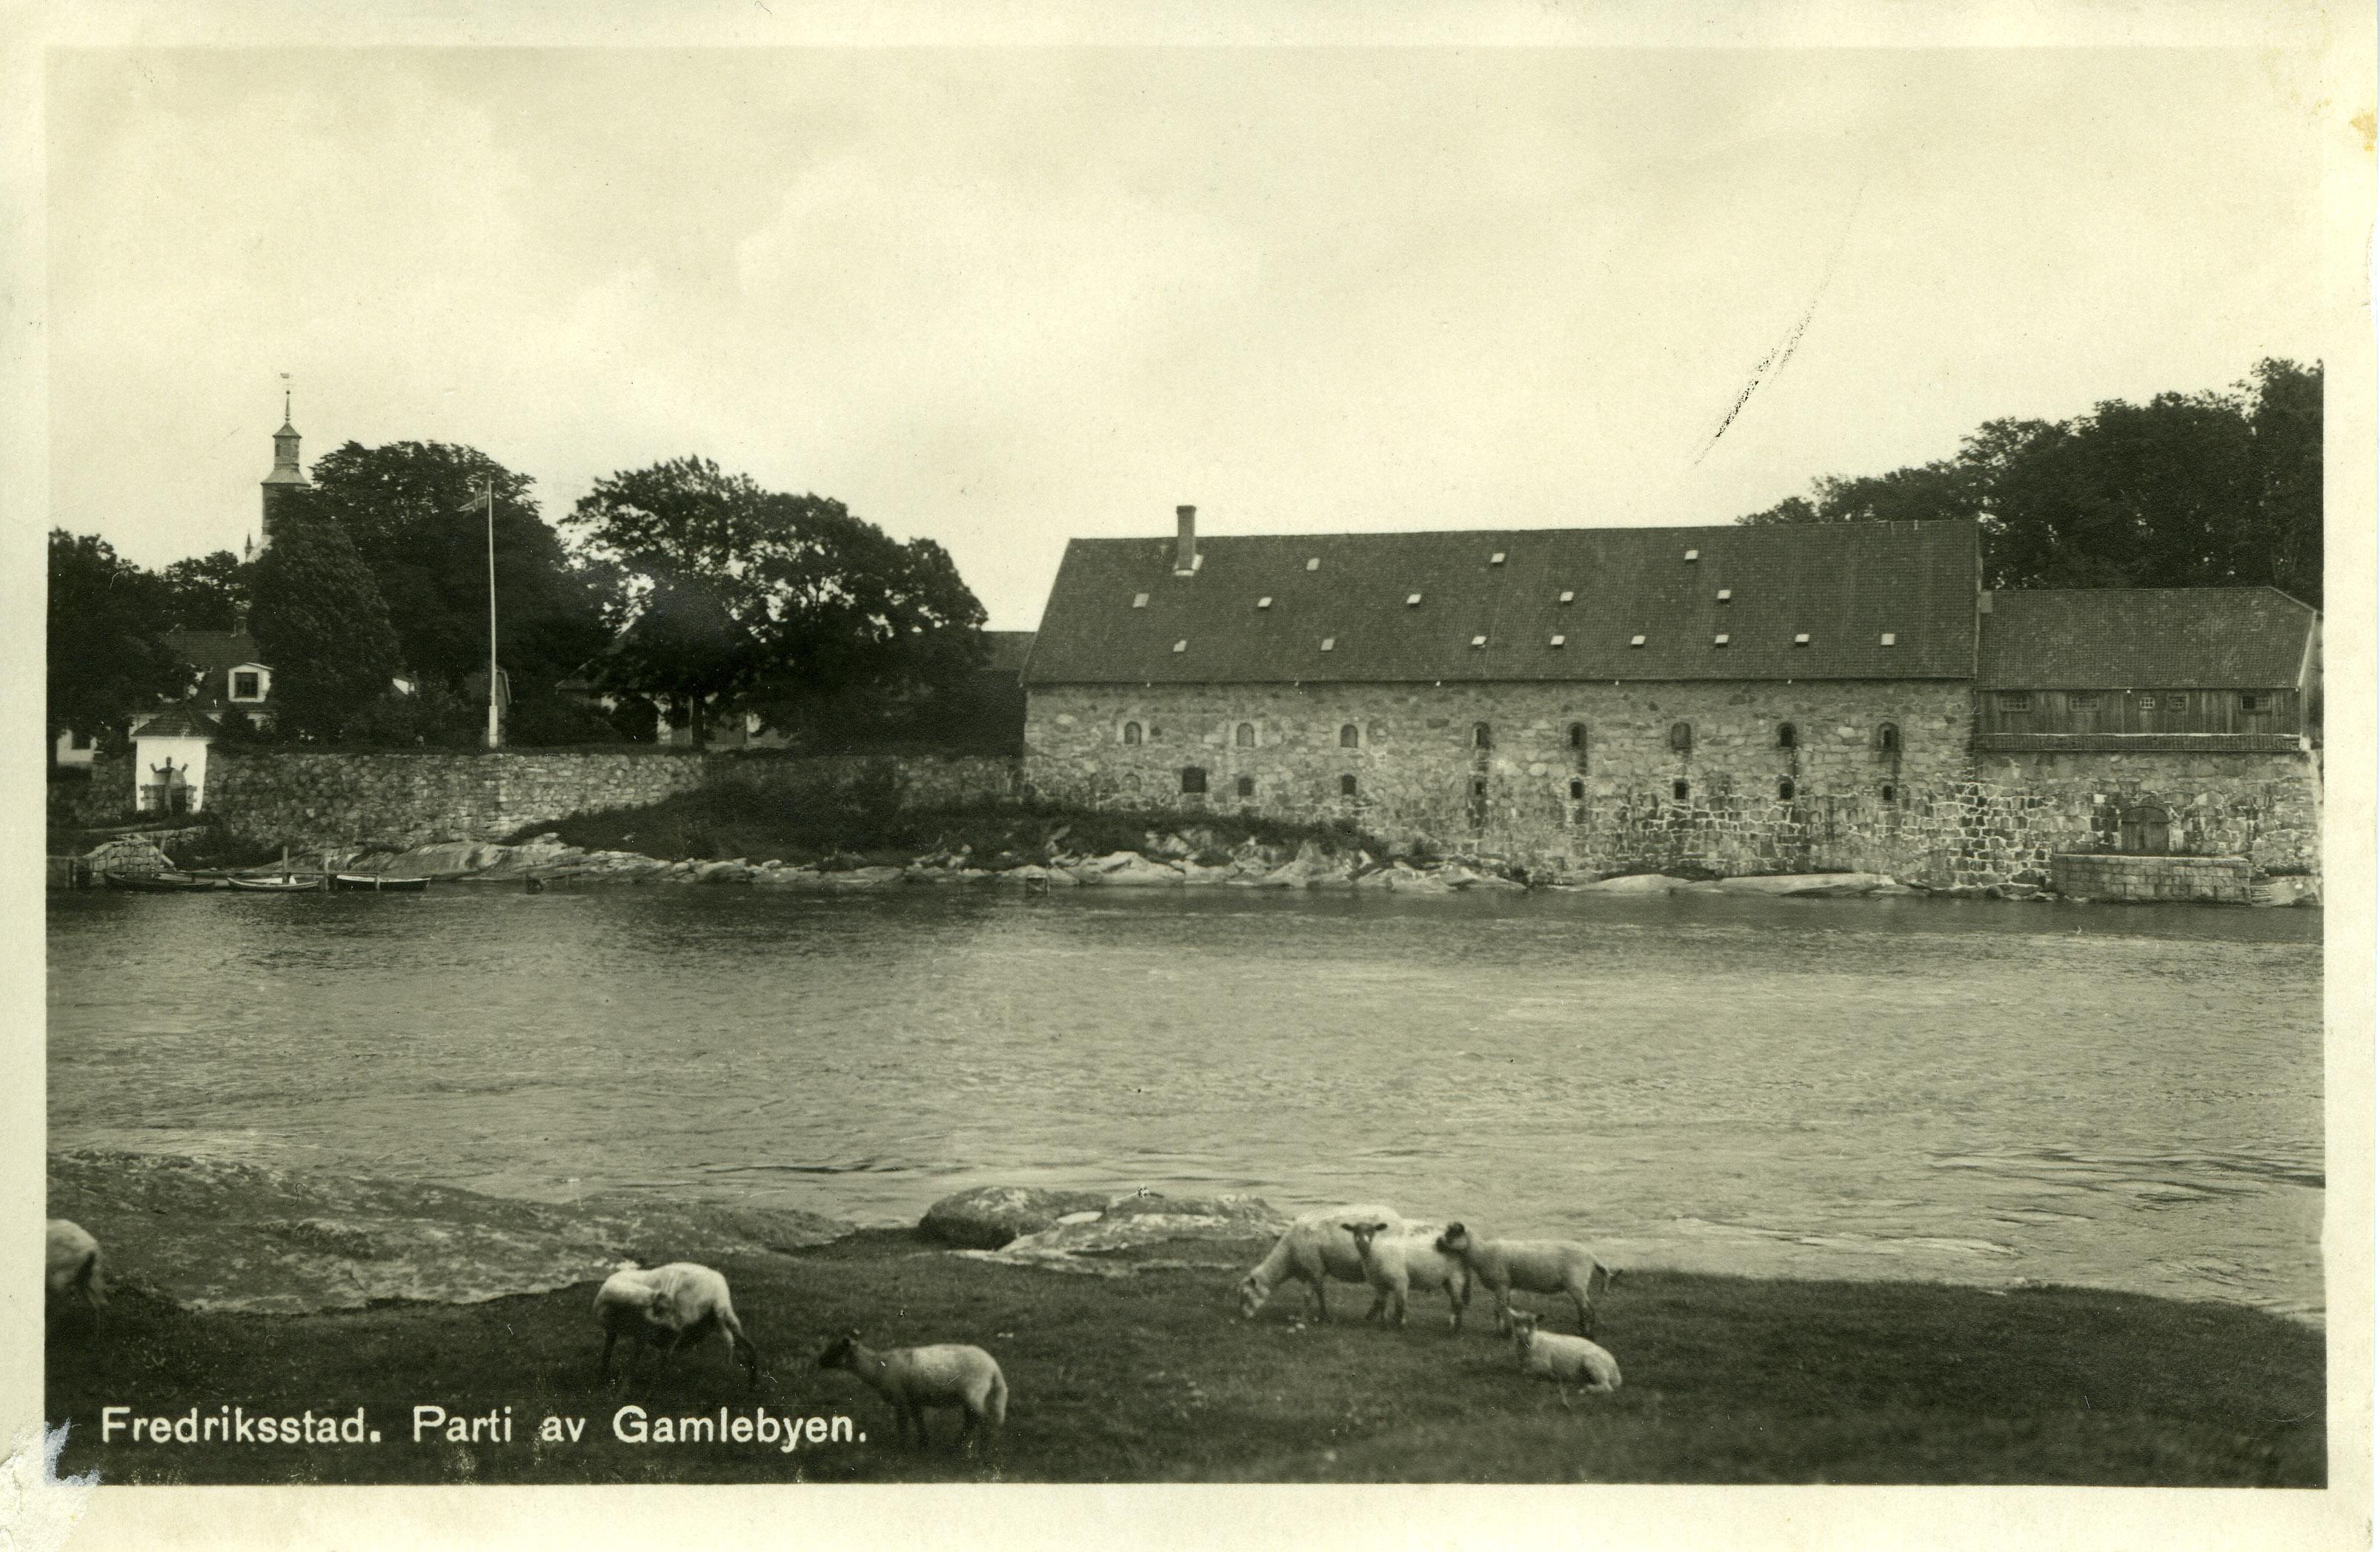 Det grunnmurede provianthus med blokkhus, Gamlebyen i Fredrikstad